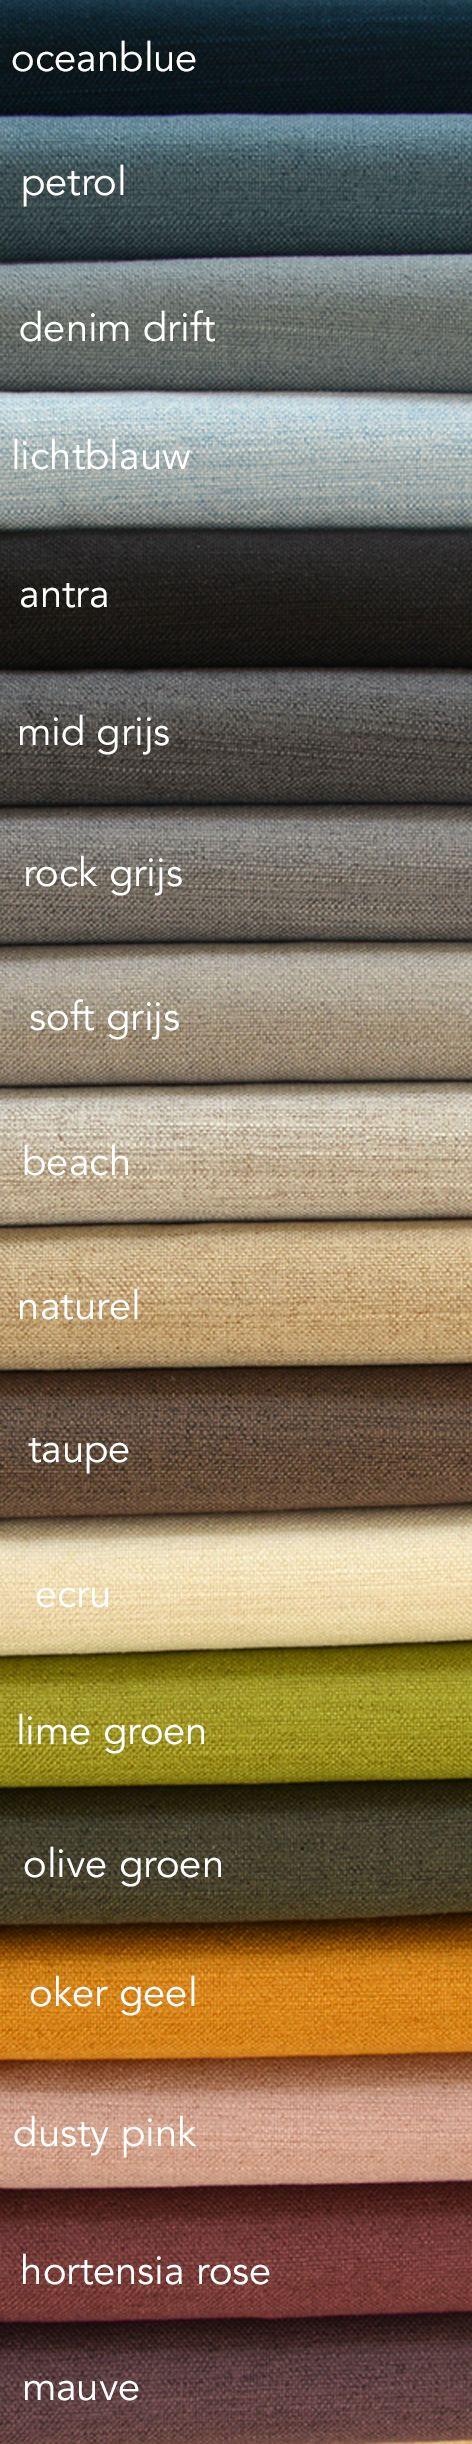 100% verduisterende gordijnen die ook nog eens mooi zijn en soepel vallen. Kies dan voor stof bonaire, verkrijgbaar in 18 kleuren. Vraag gratis talen aan via de site echtgordijn.